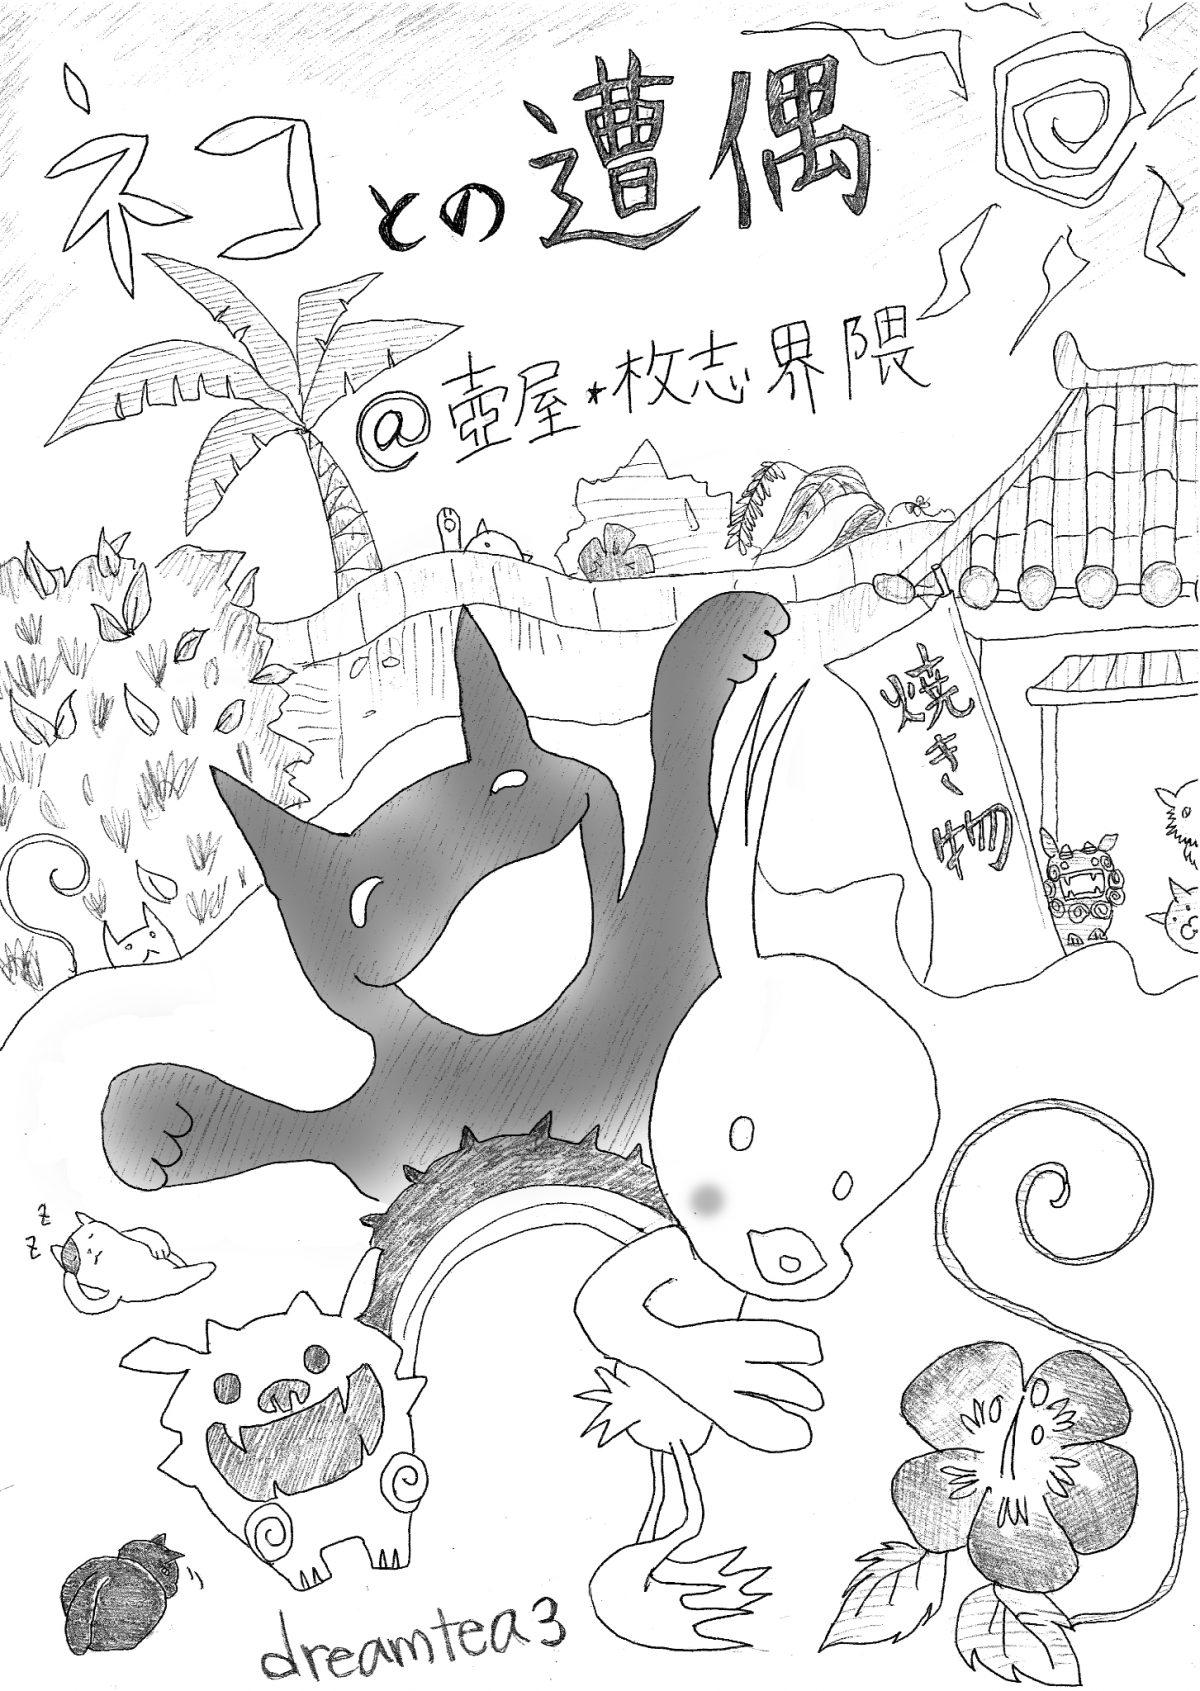 ネコとの遭遇@壺屋・牧志界隈